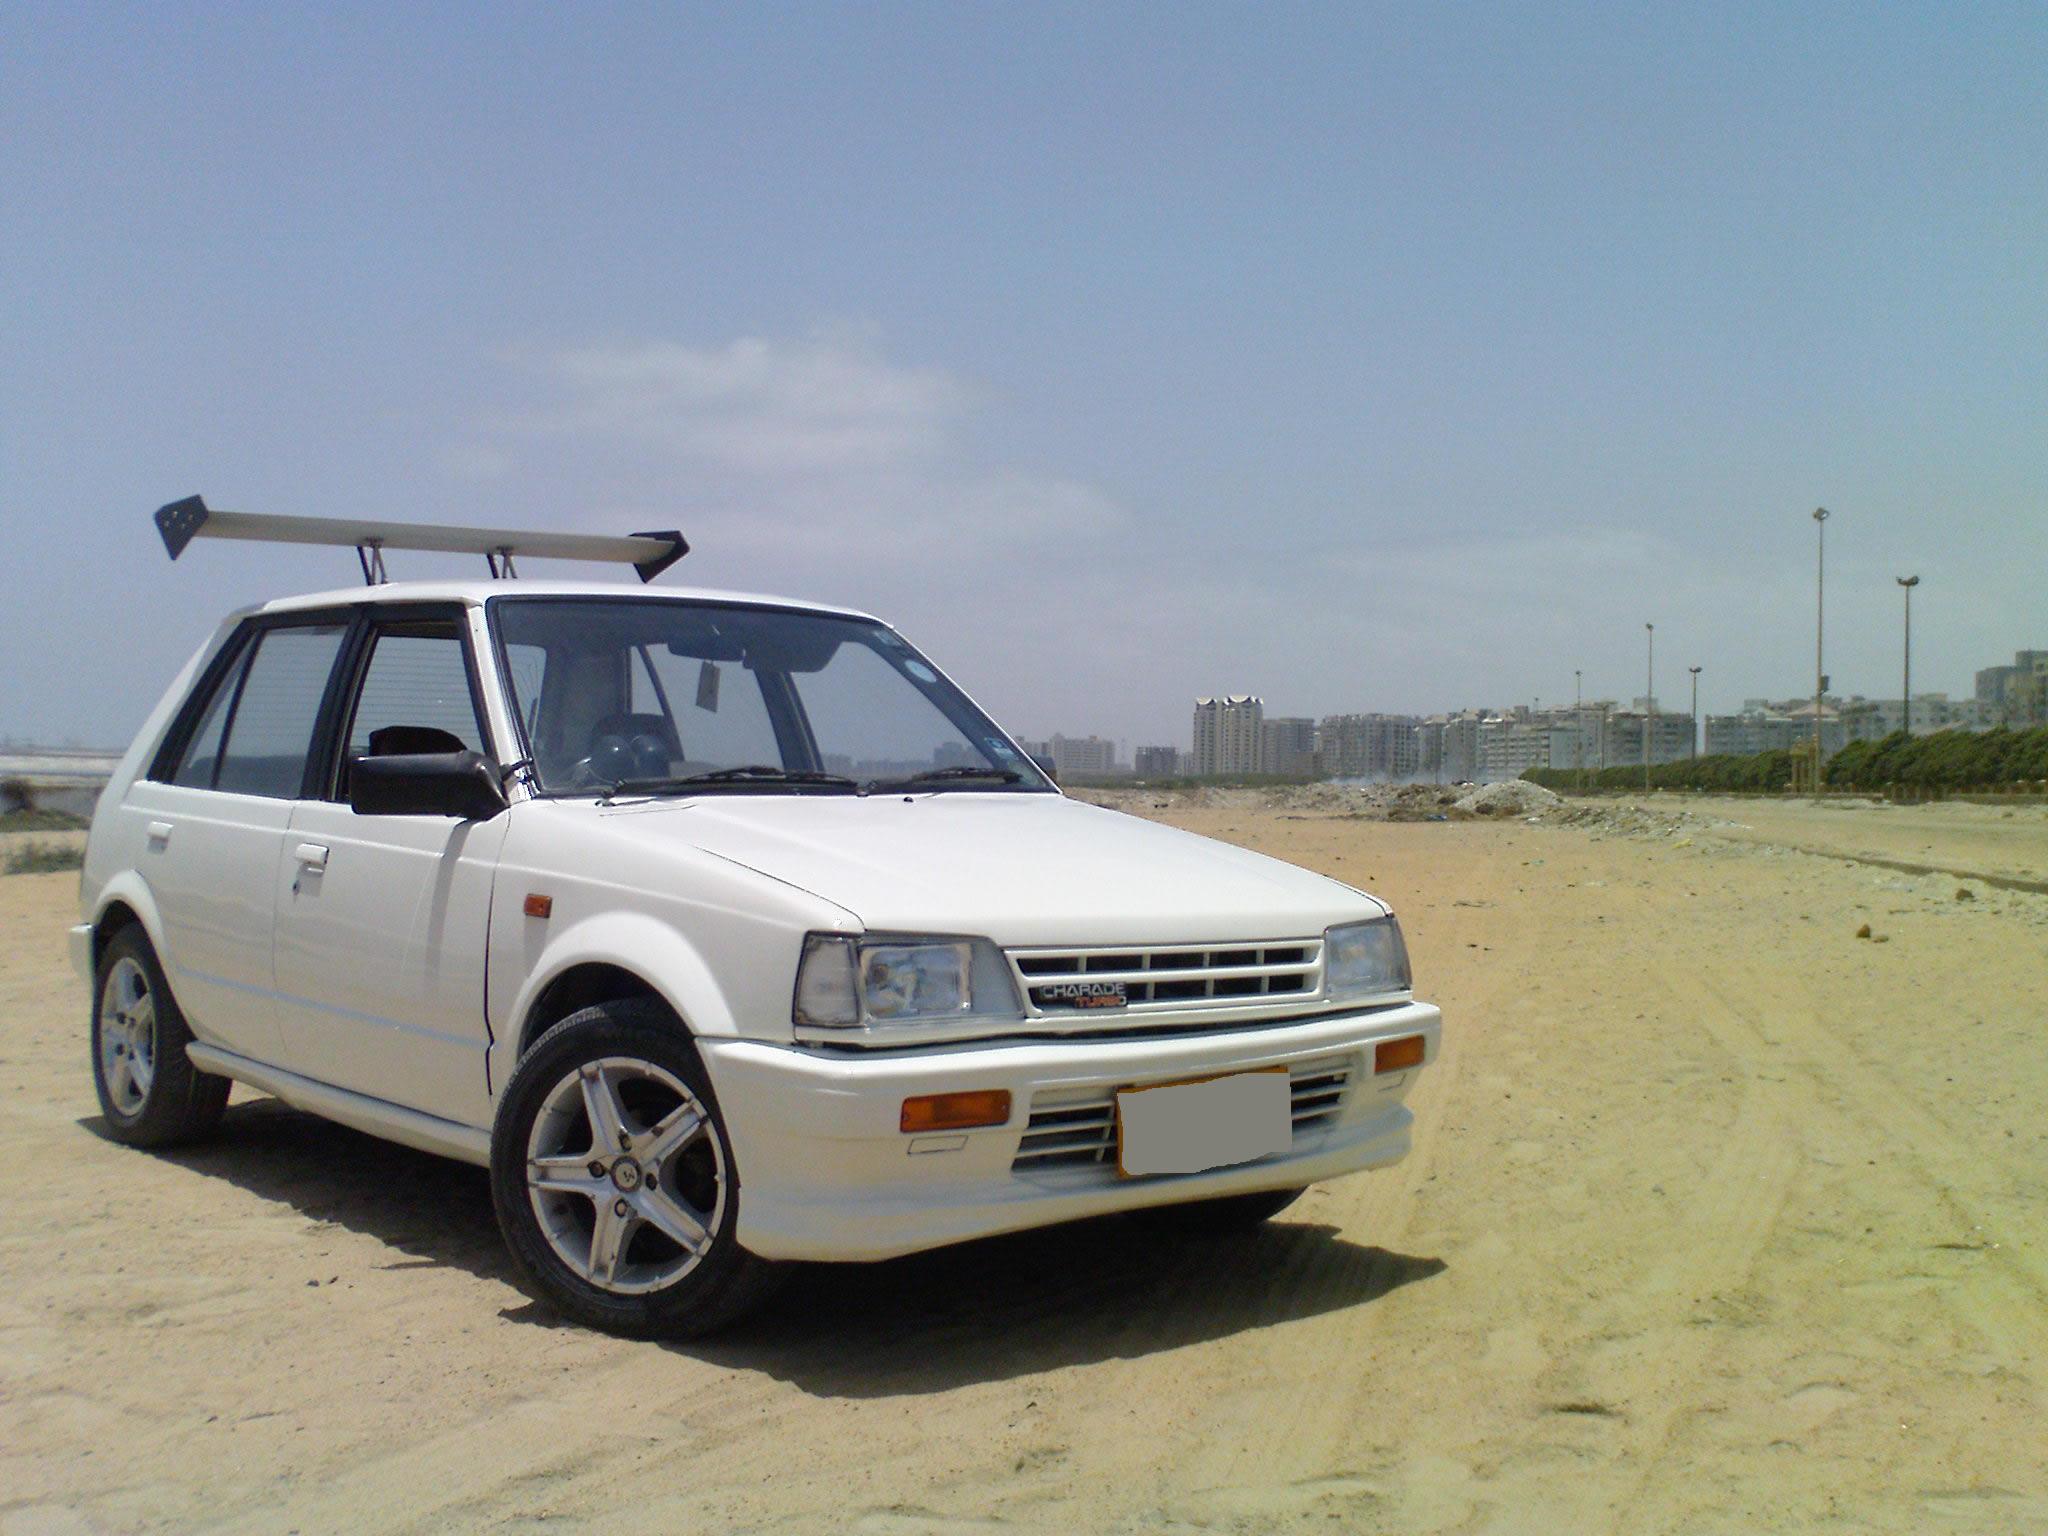 Daihatsu Charade 1986